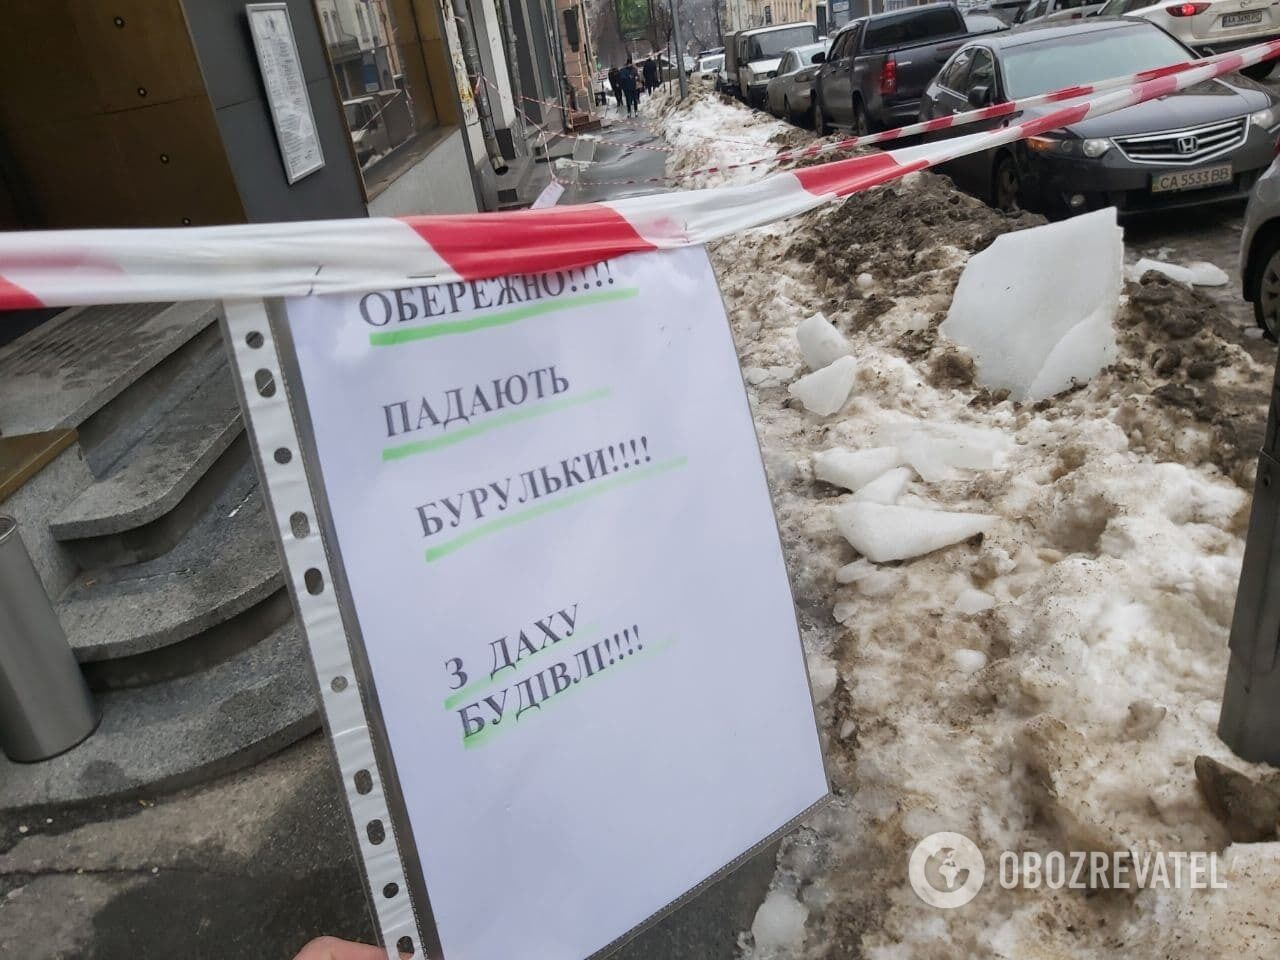 Жителів і гостей столиці попереджають про небезпеку.